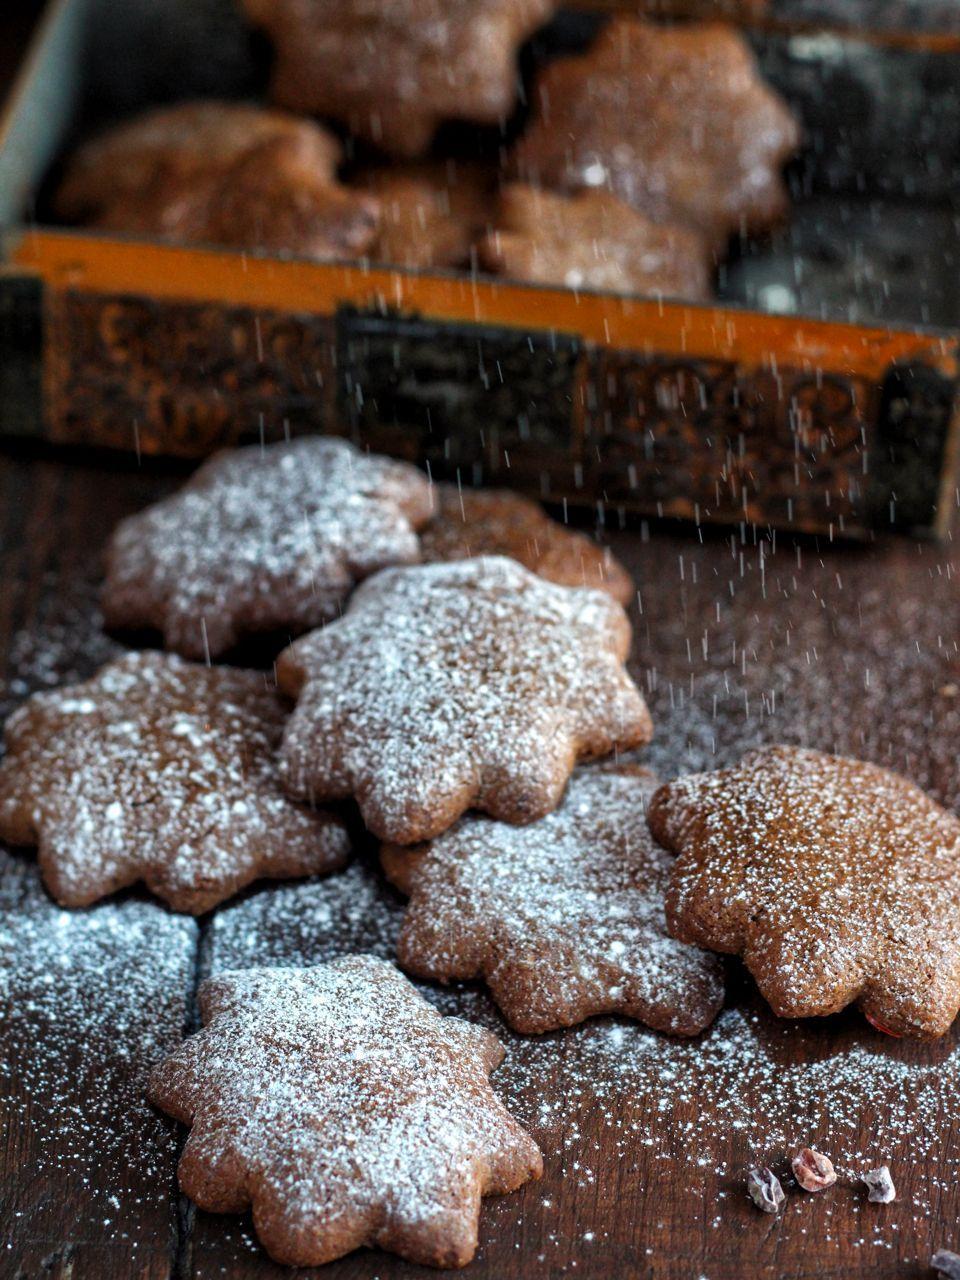 Lebkuchen A German Gingerbread Vegan And Gluten Free